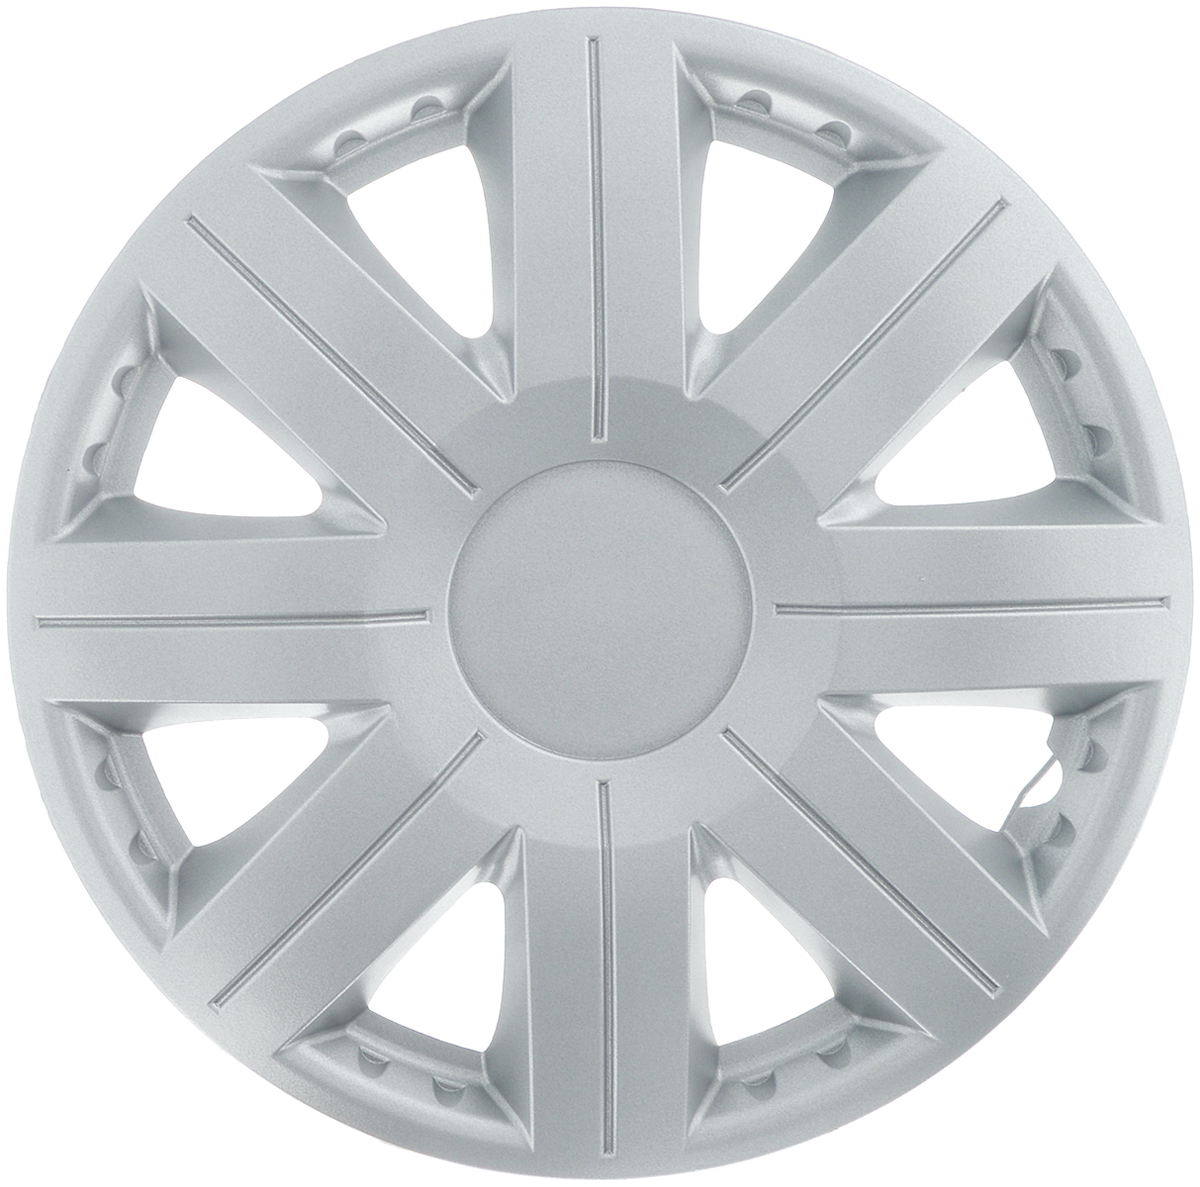 Колпак защитный Phantom Космос, R13 , декоративный, 1 шт. PH5757PH5757Колпак Phantom Космос предназначен для защиты колесного диска и тормозной системы от загрязнений, а также для декоративного украшения автомобиля.Колпак изготовлен из высококачественного масло-бензостойкого пластика, а крепление в виде распорного кольца - из металла.Размер колеса: R13.Диаметр колпака: 37 см.